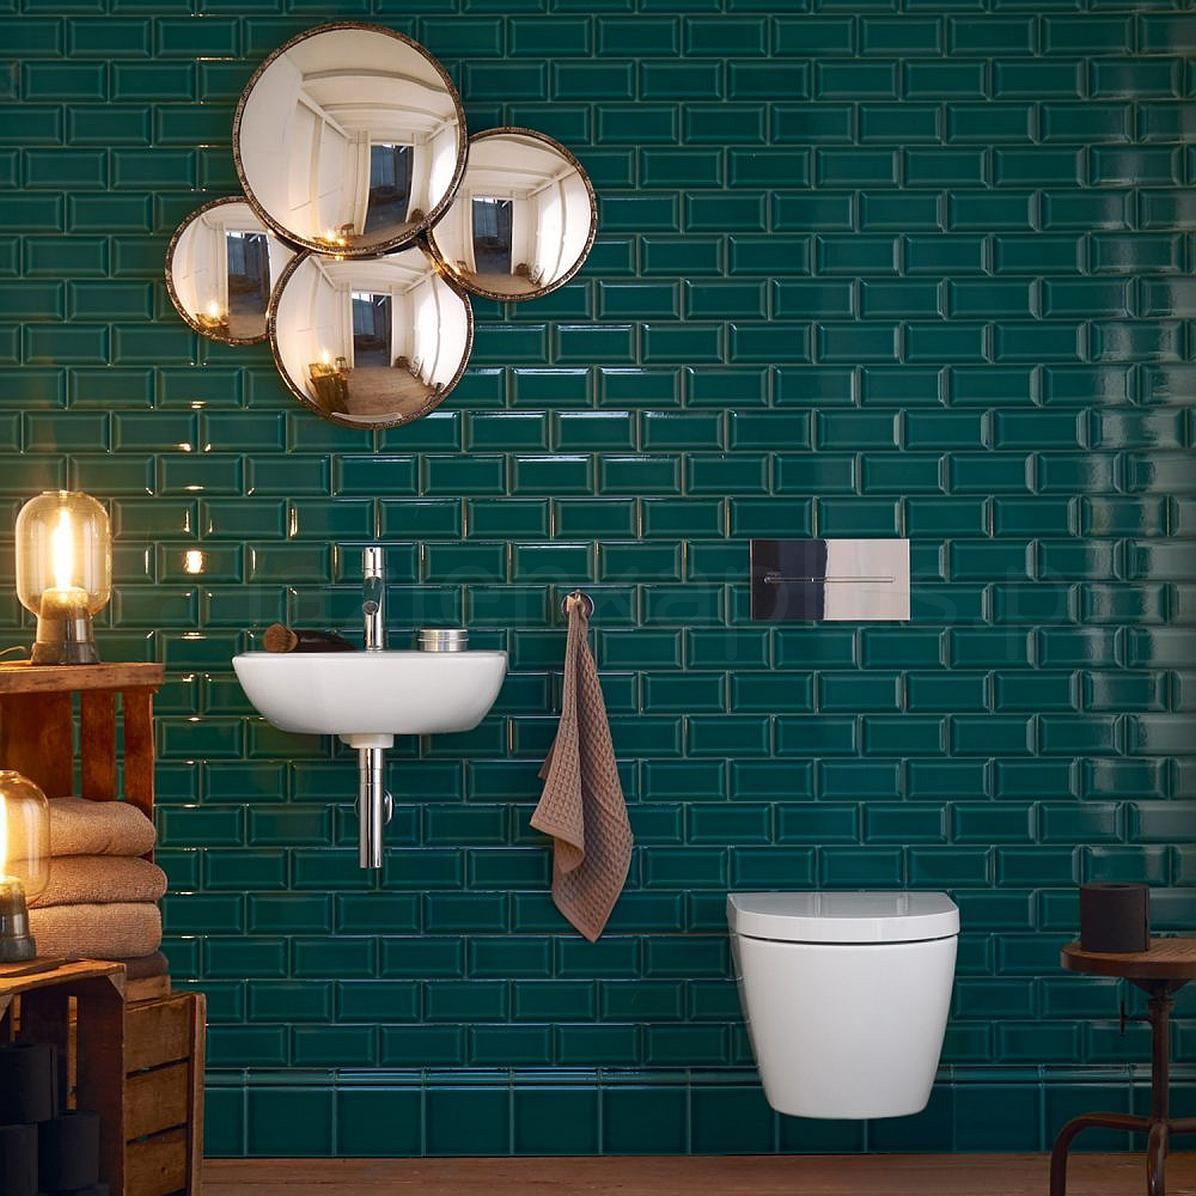 Łazienka z zielonymi płytkami metro